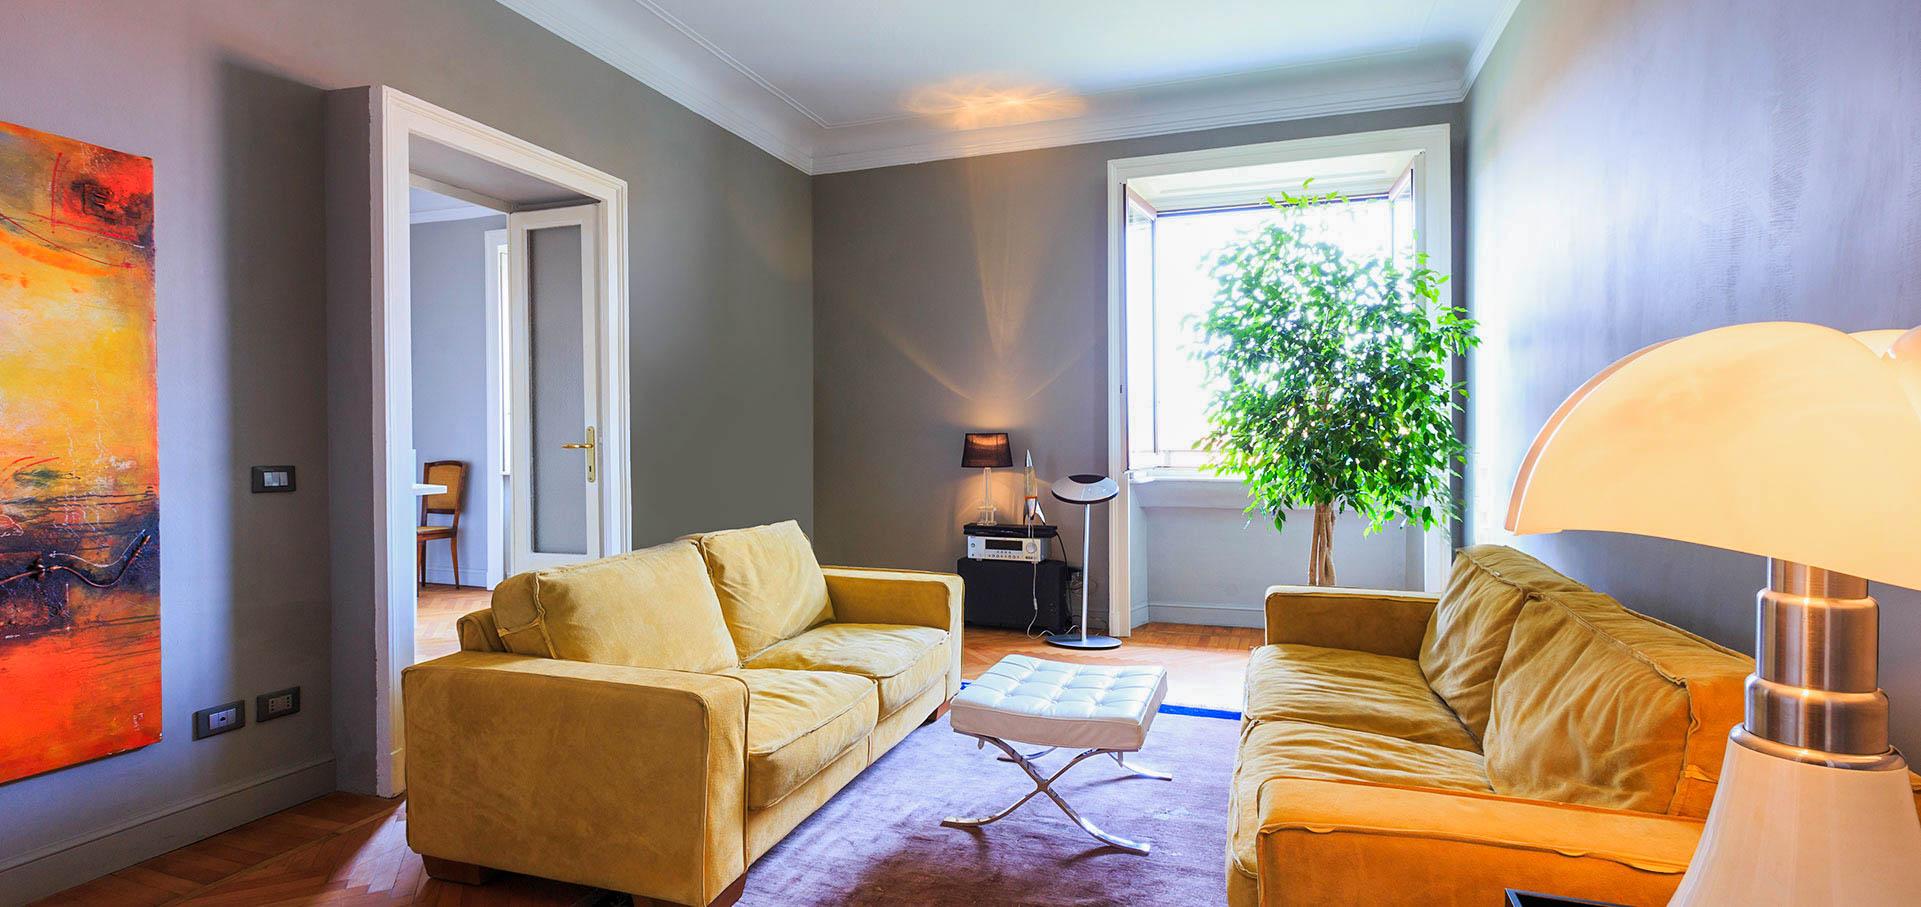 Pattini guesthouse guesthouse di charme a milano for Regalbox soggiorno di charme